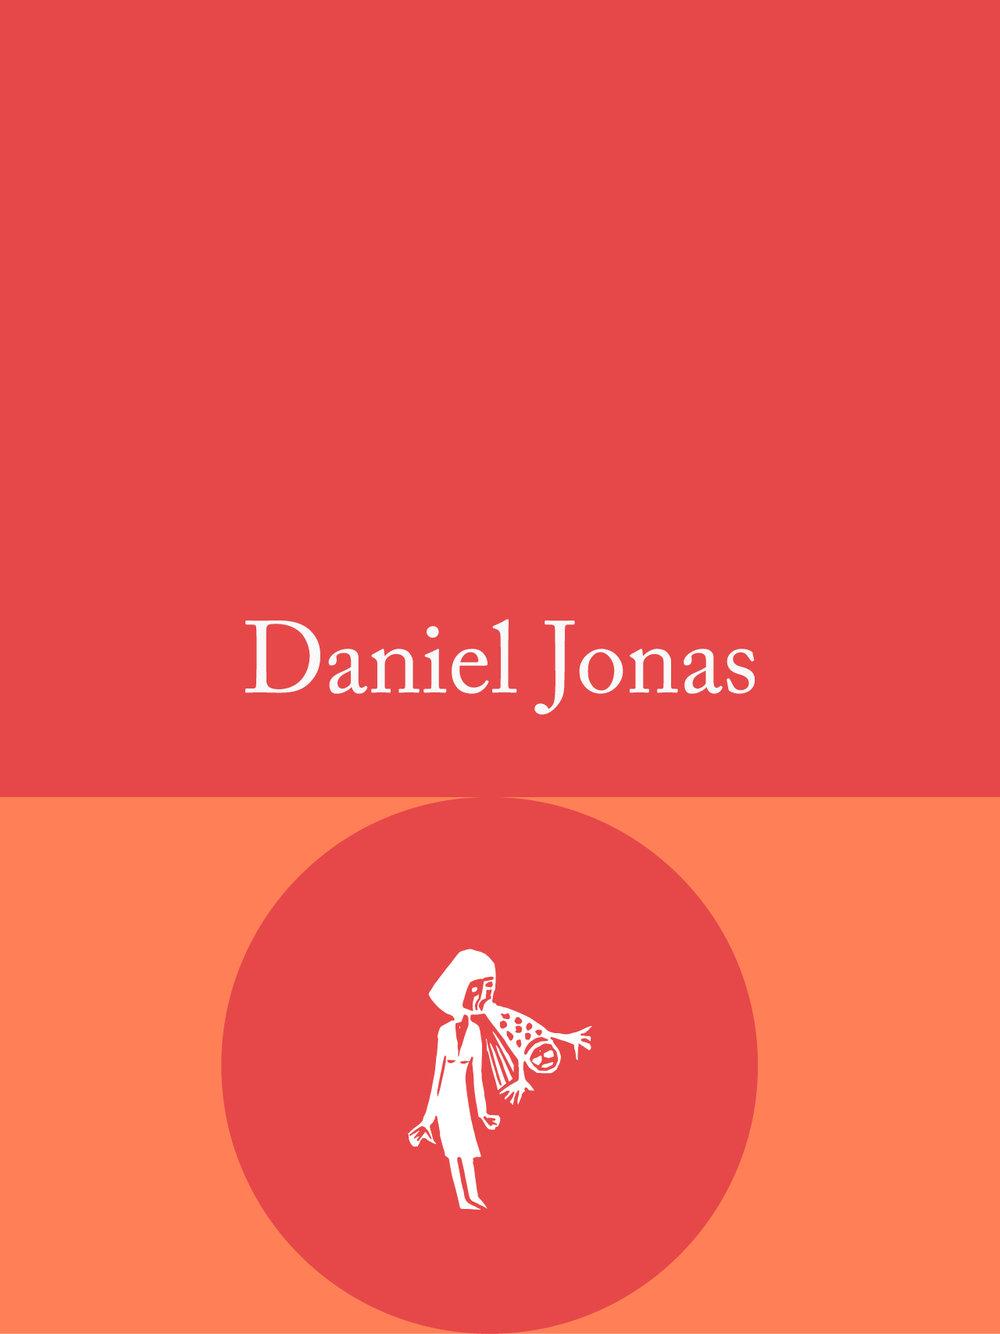 DanielJonas.jpg